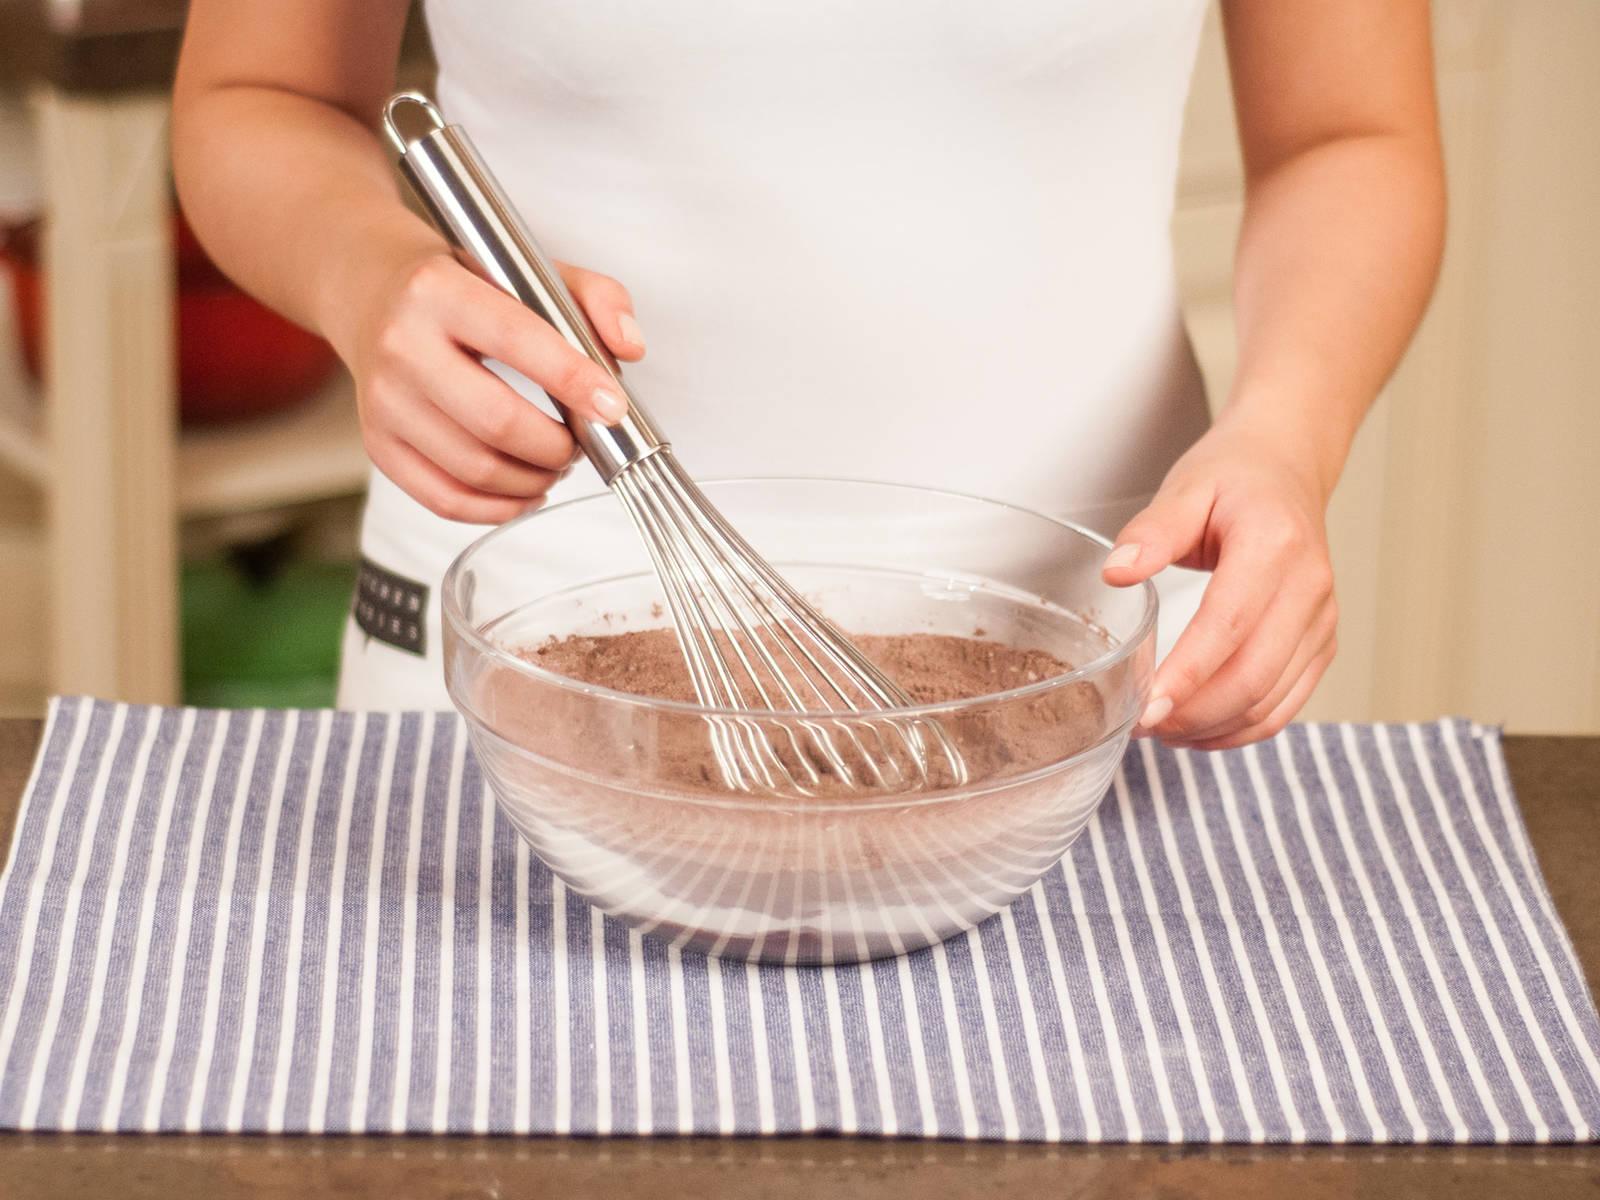 将可可粉、通用面粉、糖、泡打粉和香草精华放入大碗中,拌匀。